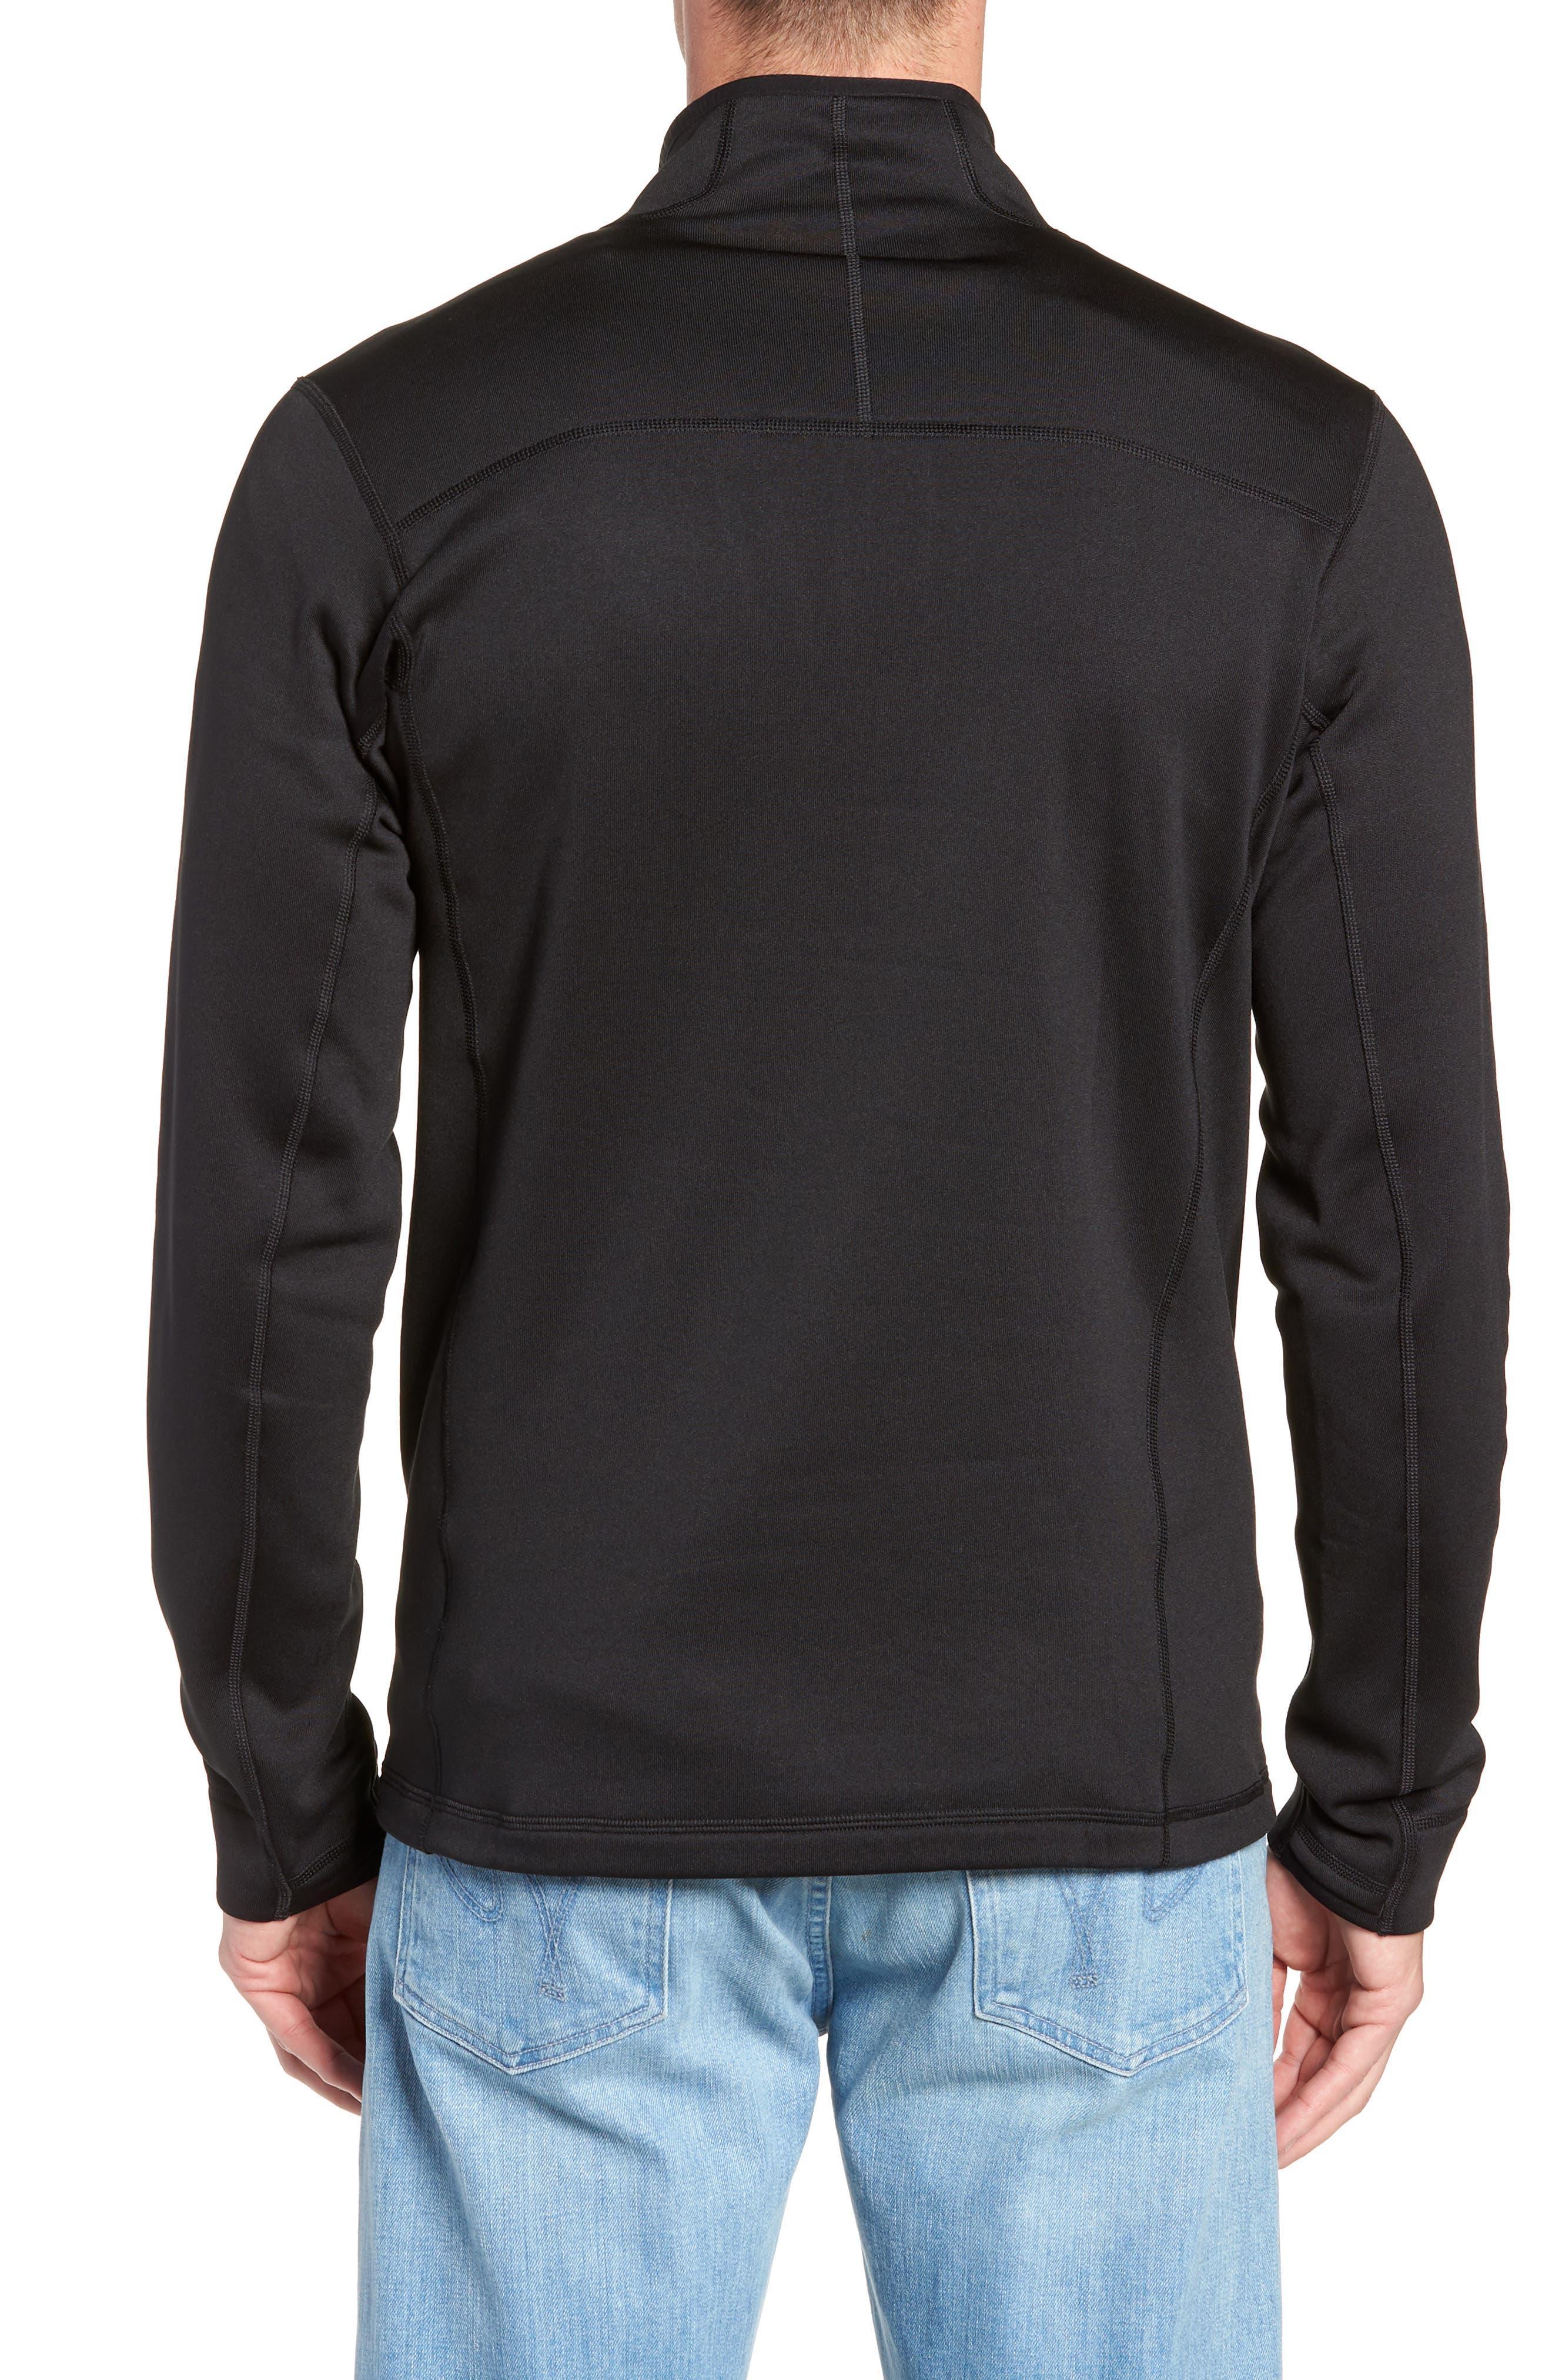 Crosstrek Quarter Zip Fleece Pullover,                             Alternate thumbnail 2, color,                             001